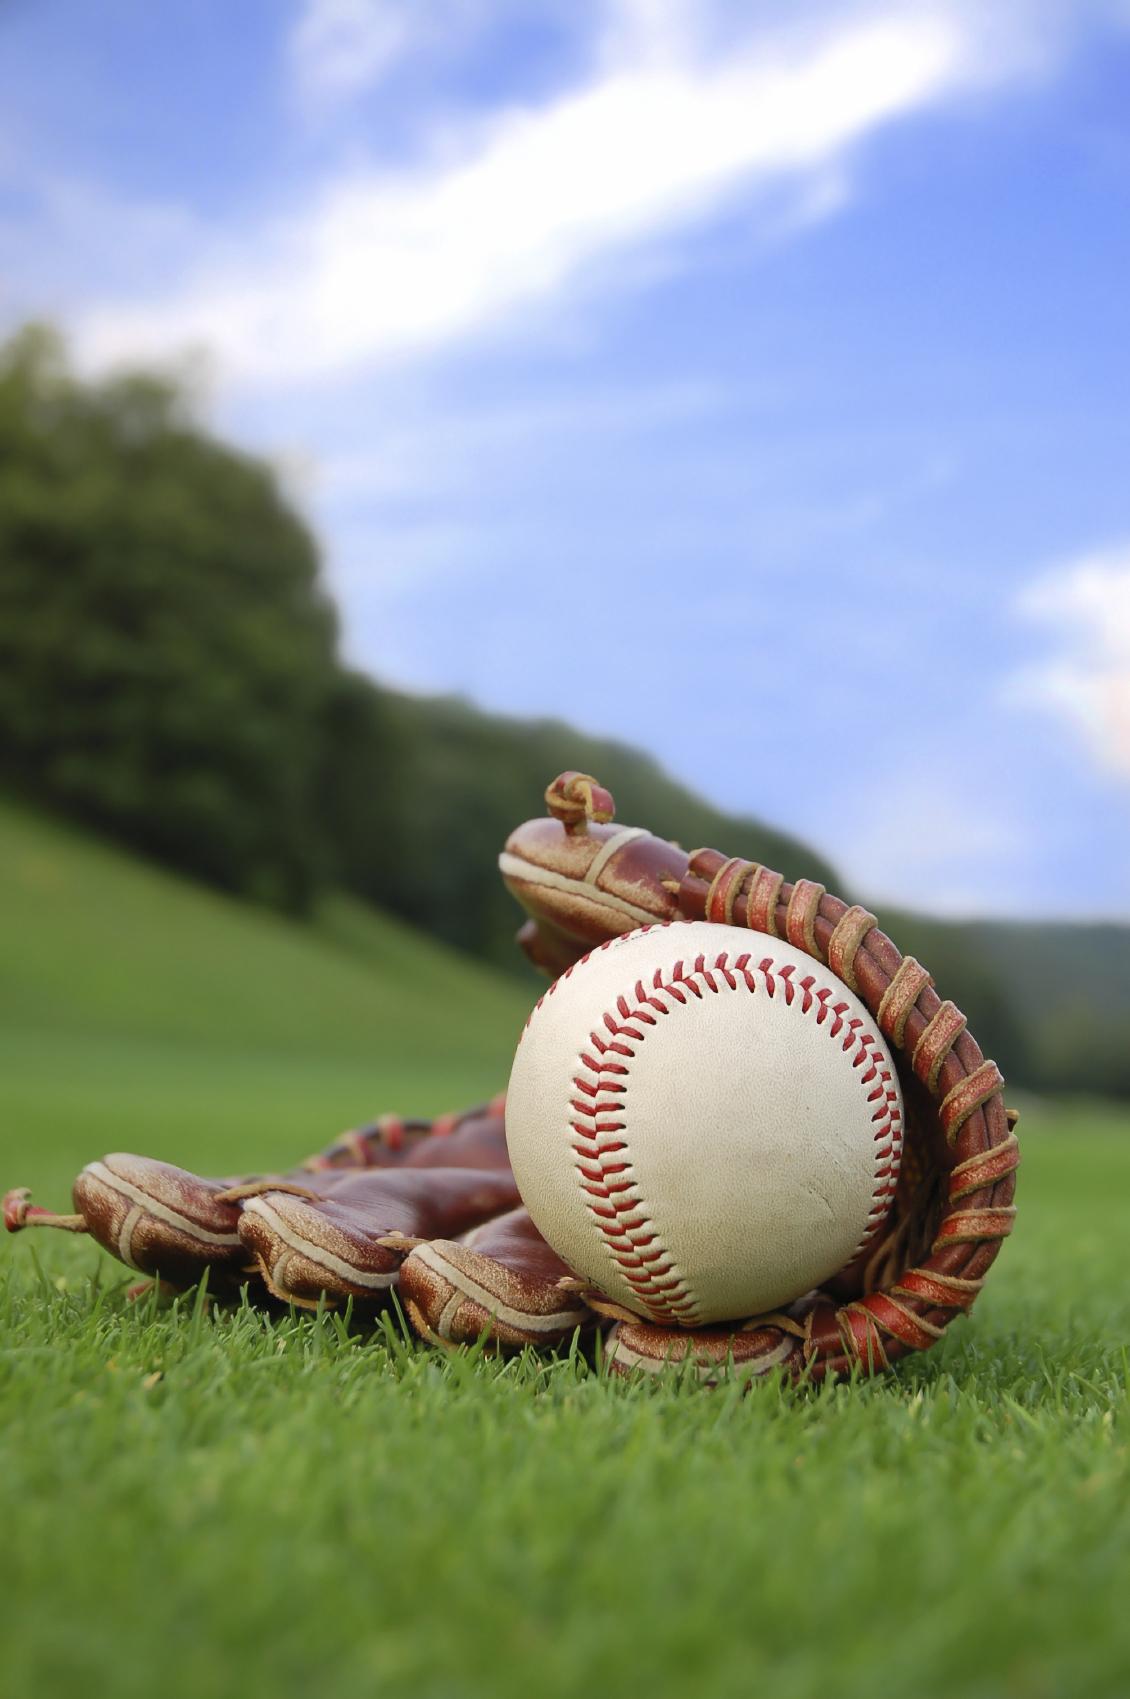 Baseball & T-Ball